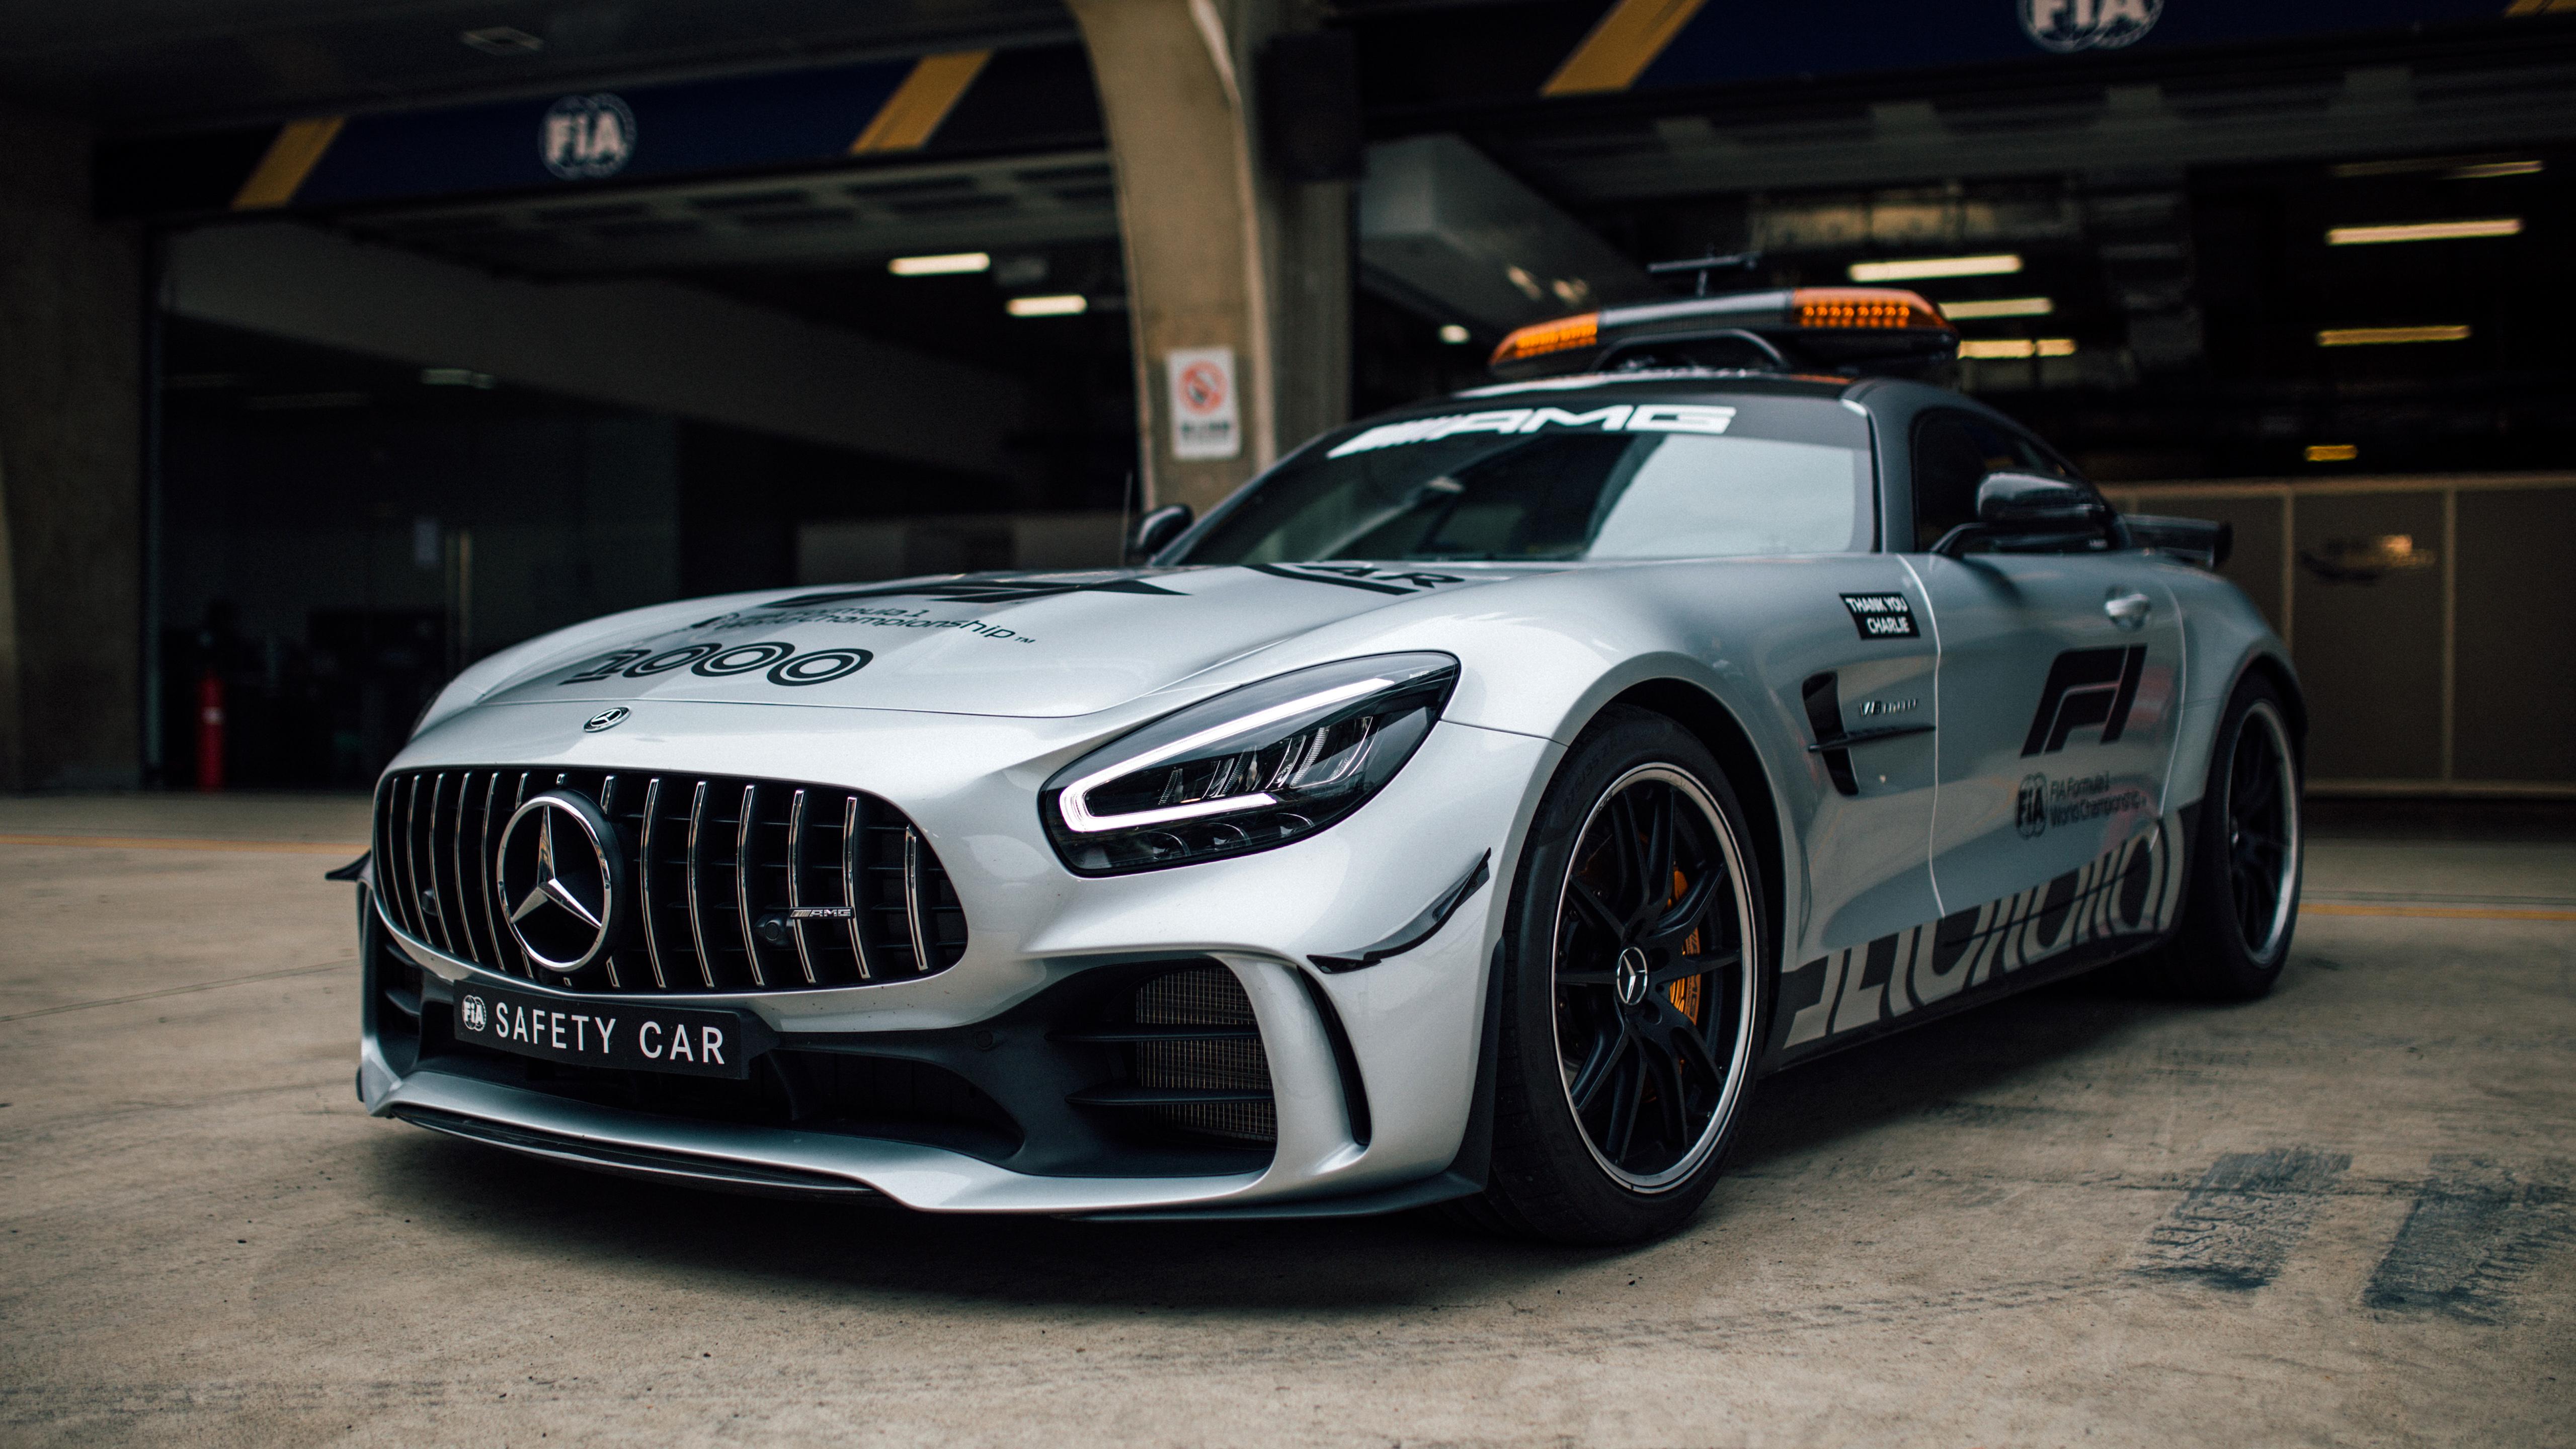 Mercedes-AMG GT R F1 Safety Car 5K Wallpaper | HD Car ...